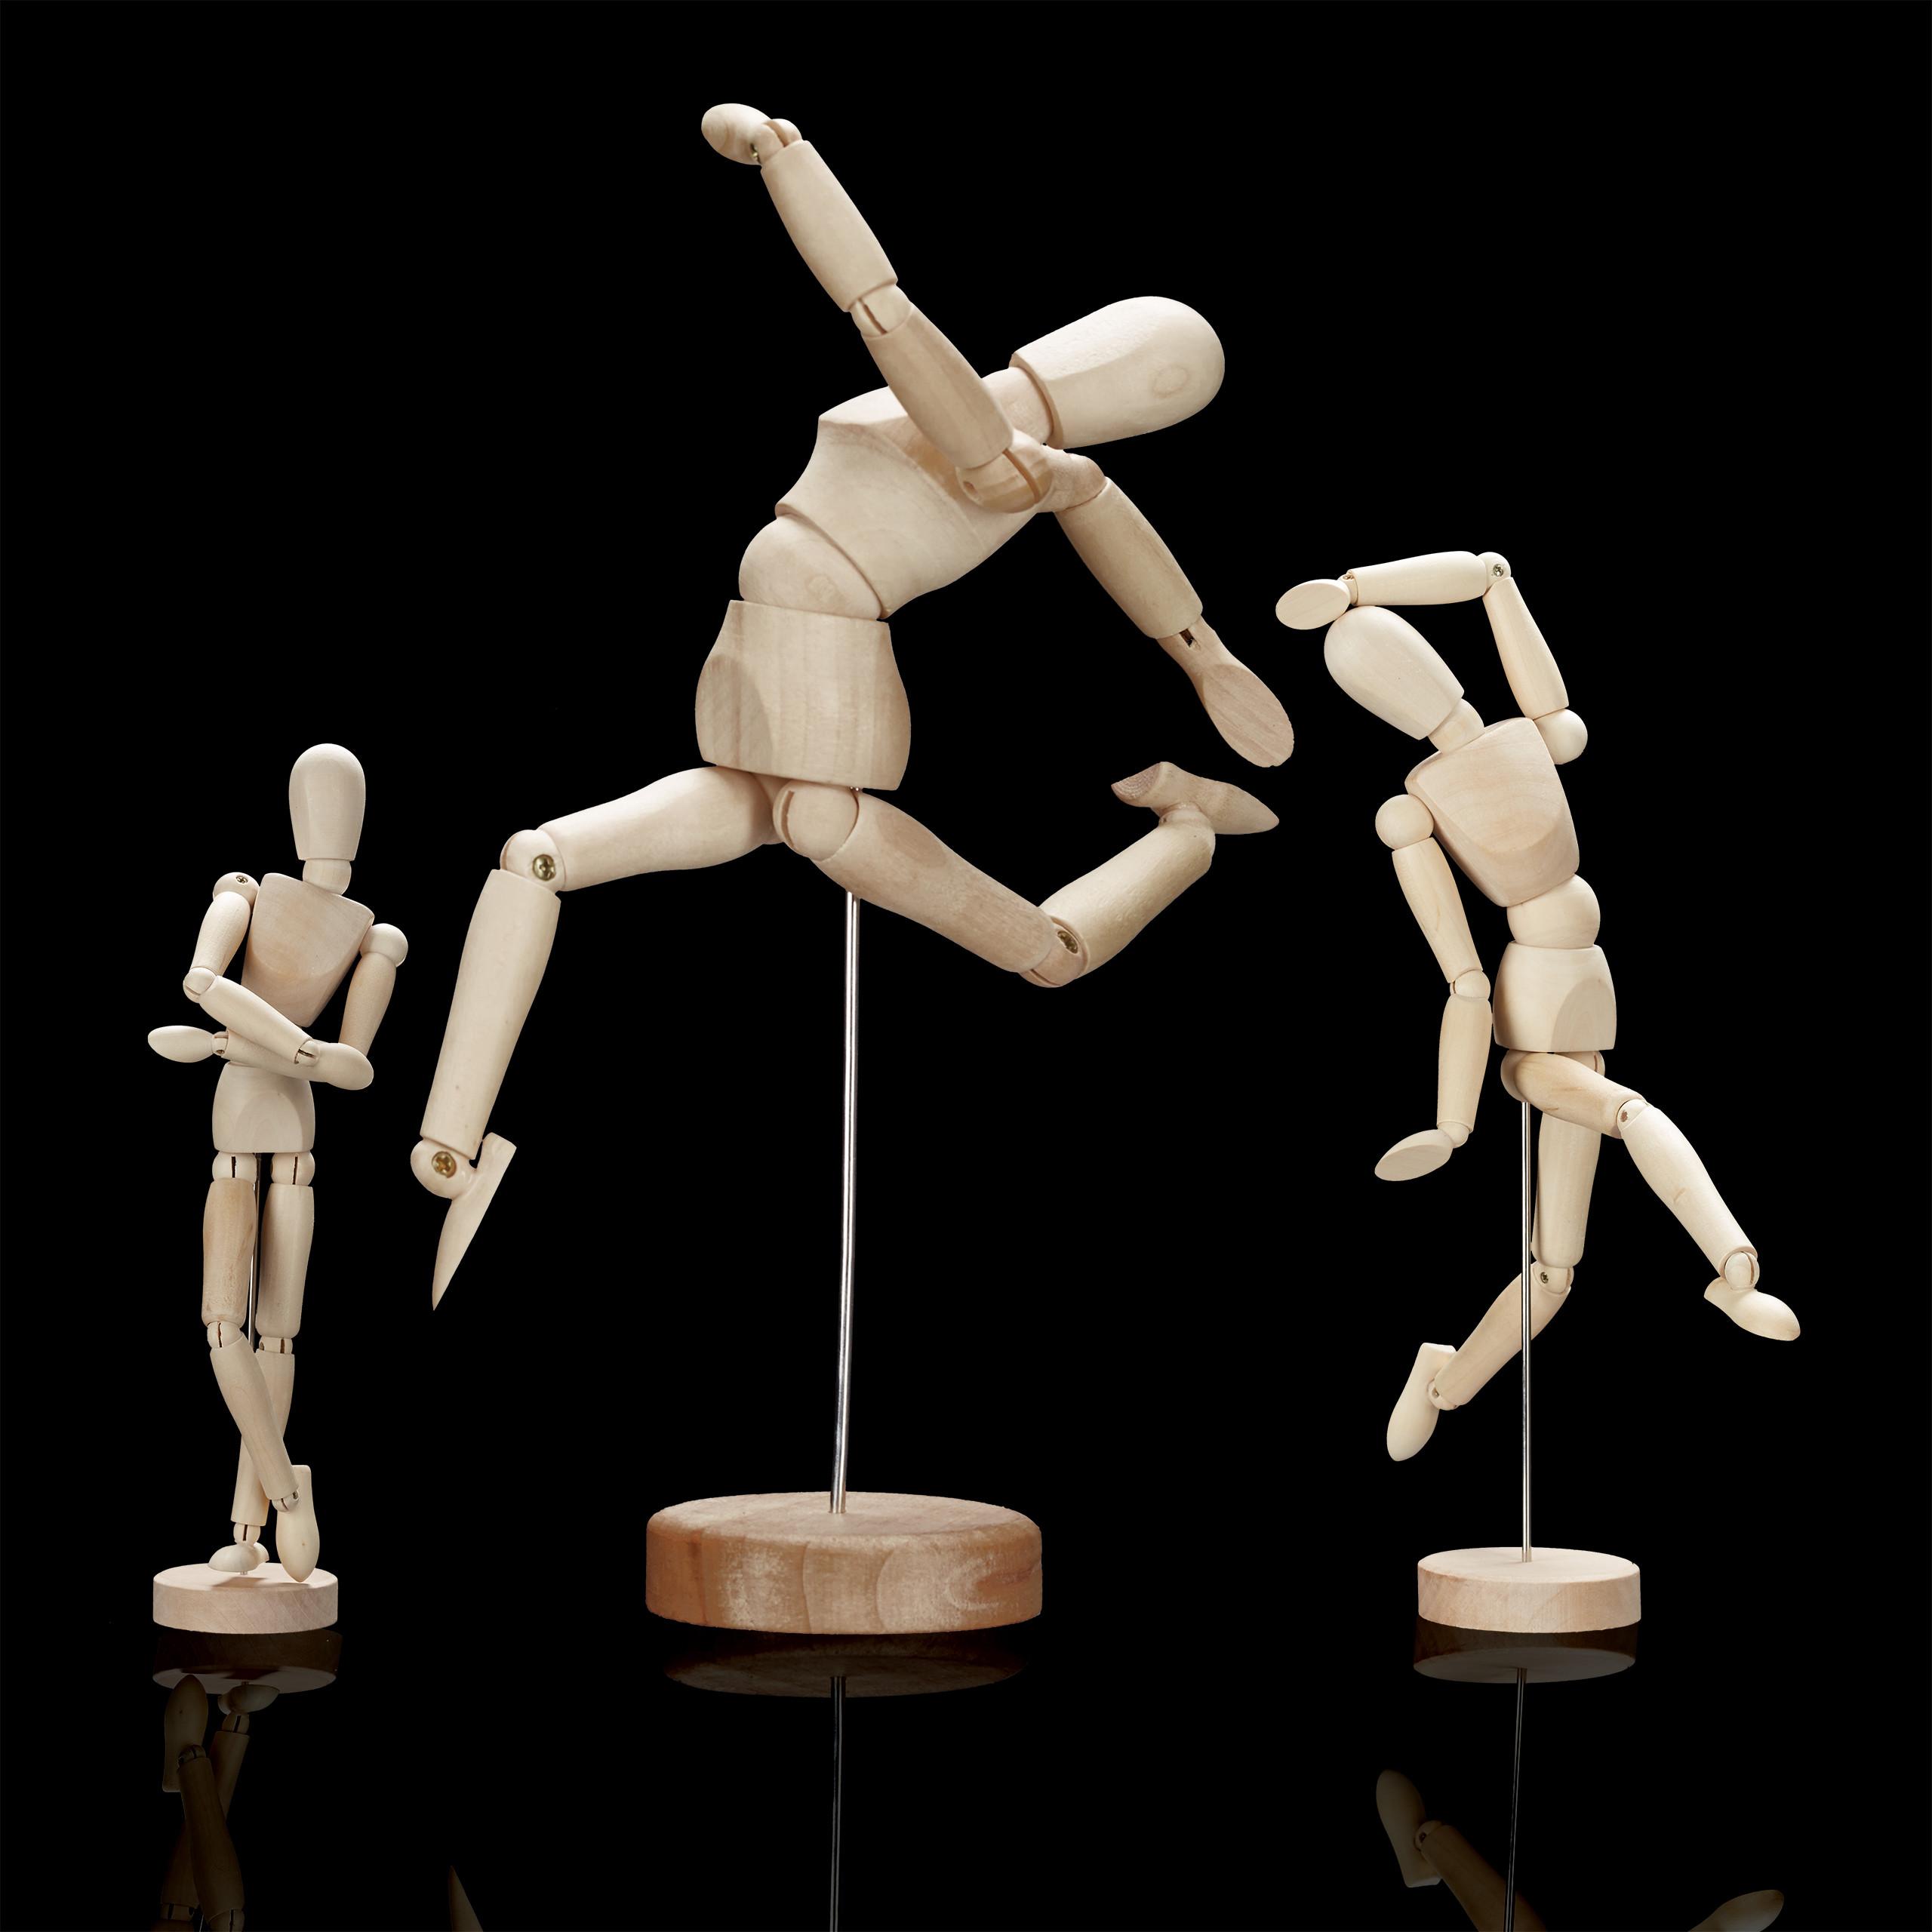 Gliederpuppe-Malhilfe-Malfigur-Holzpuppe-Modellpuppe-Zeichenpuppe-Gelenkpuppe Indexbild 9